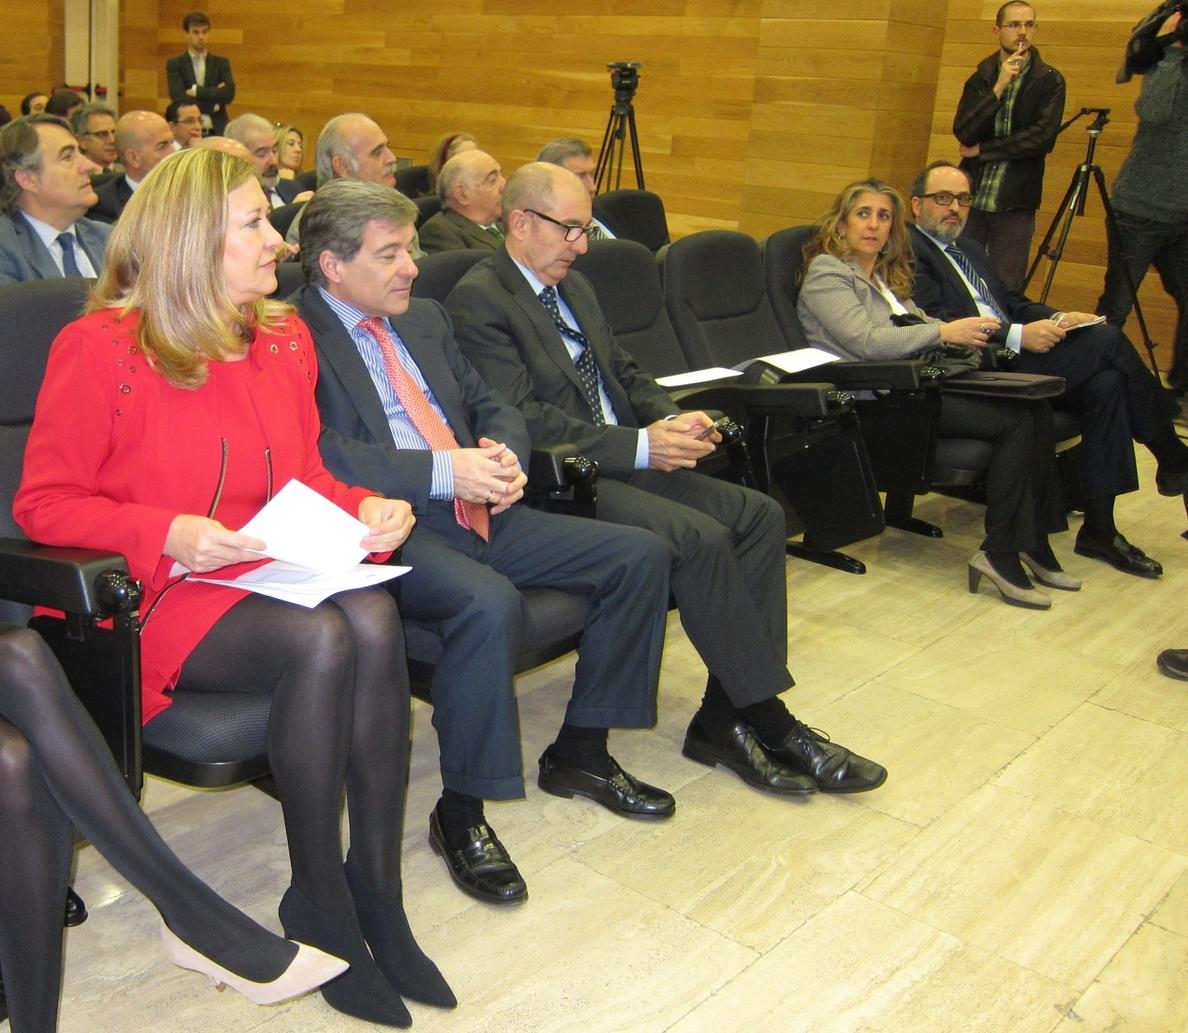 La Junta ofertará nuevas líneas de financiación para autónomos y empresas, con previsión de aportar 74 millones de euros